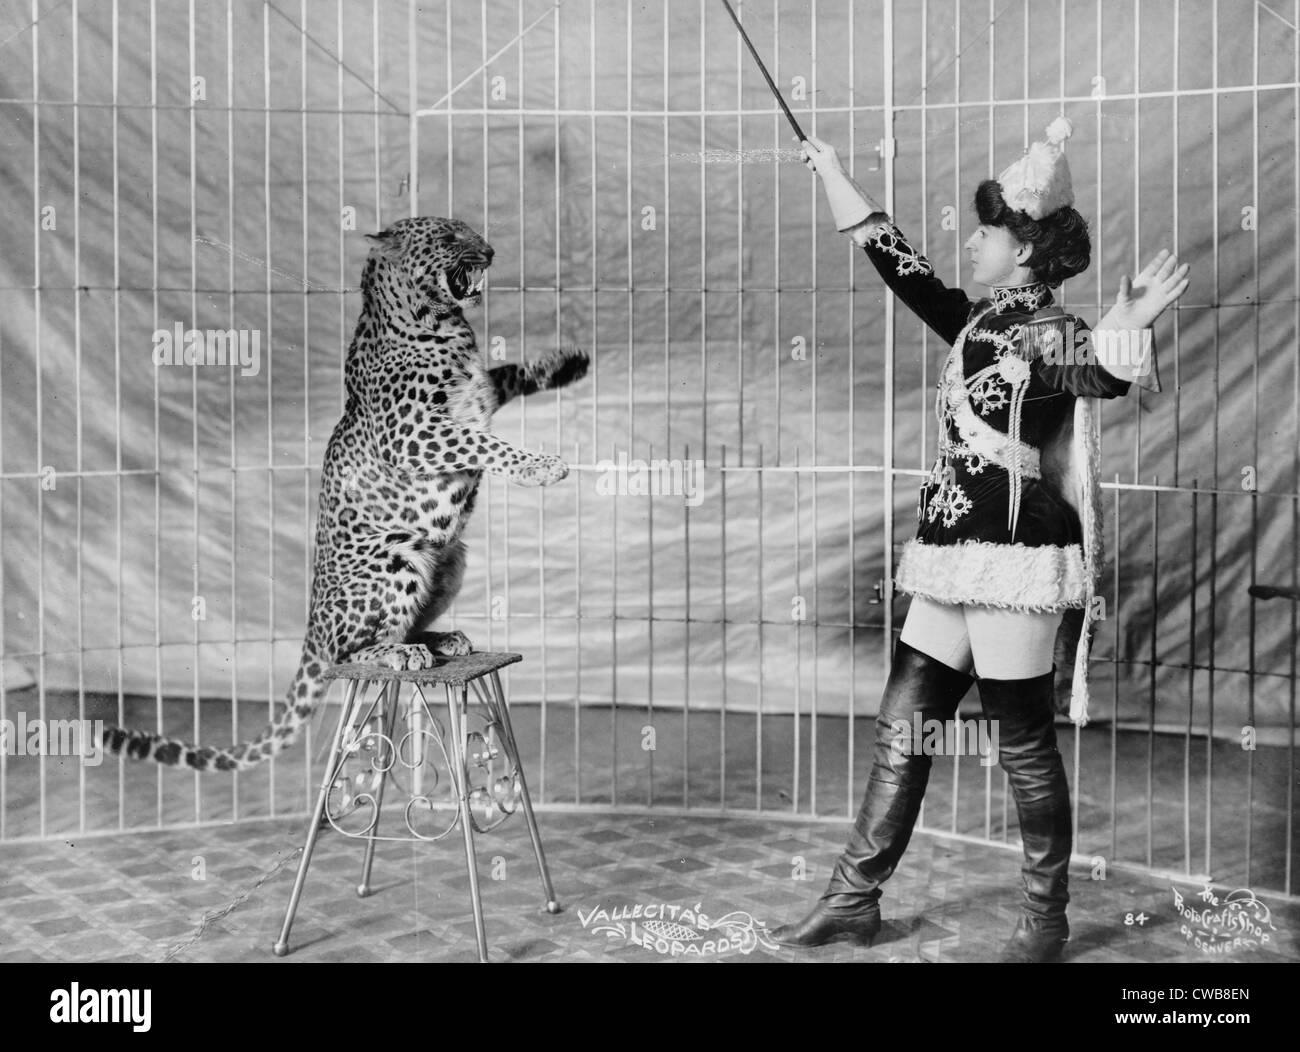 Vallecita di Leopardi. Animale femmina trainer e leopard, 1900-1910 Immagini Stock